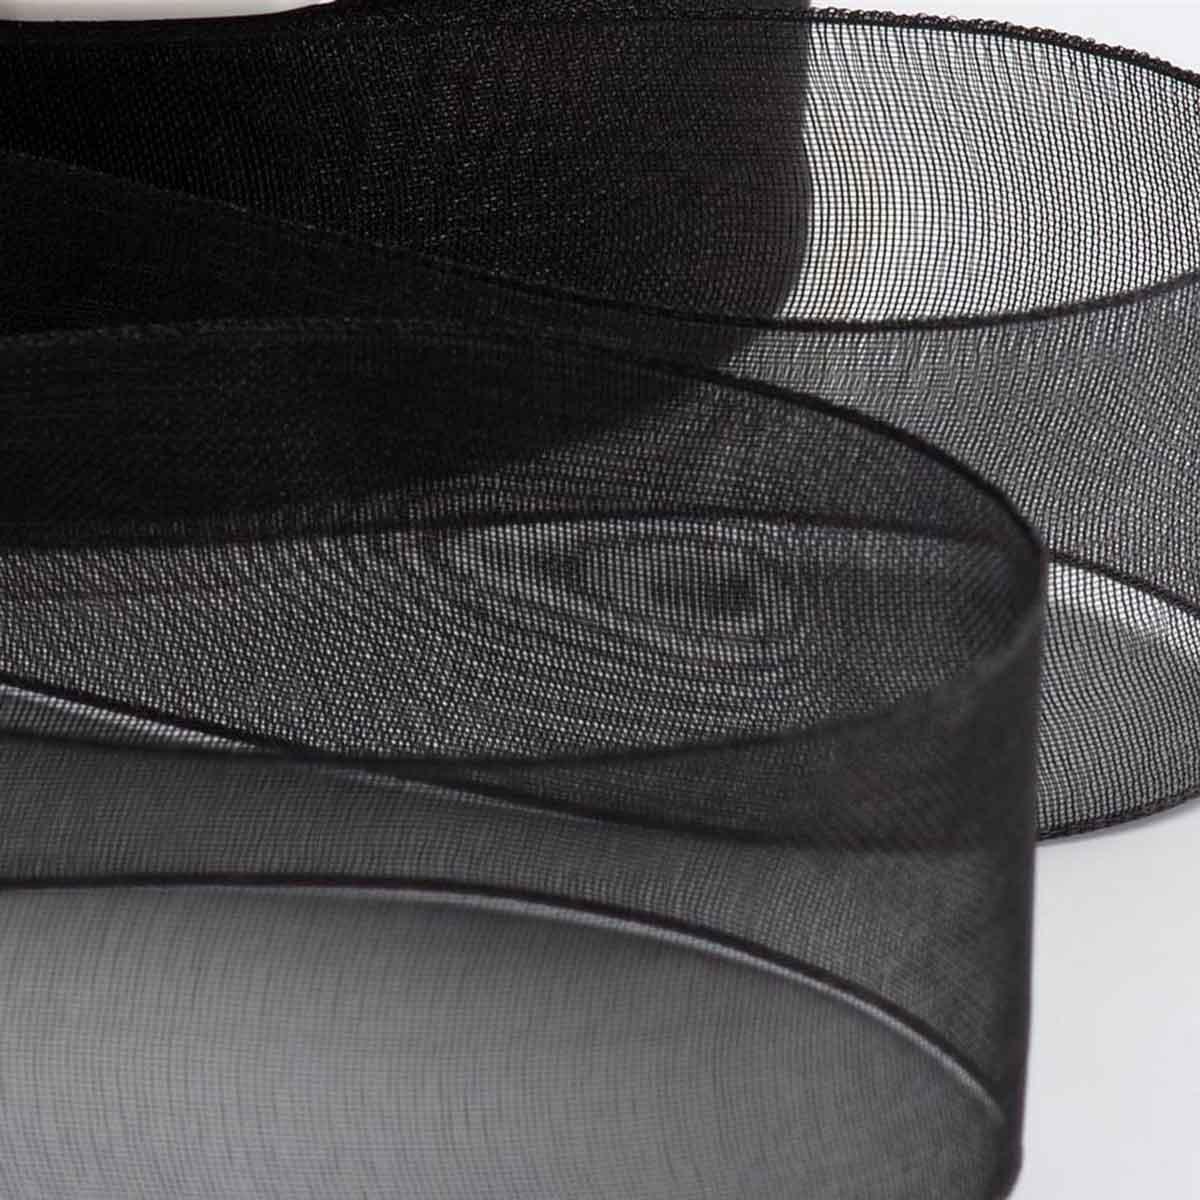 25mm p/êche Rouleau de 46 m de ruban en organza aux bords tiss/és de qualit/é sup/érieure--